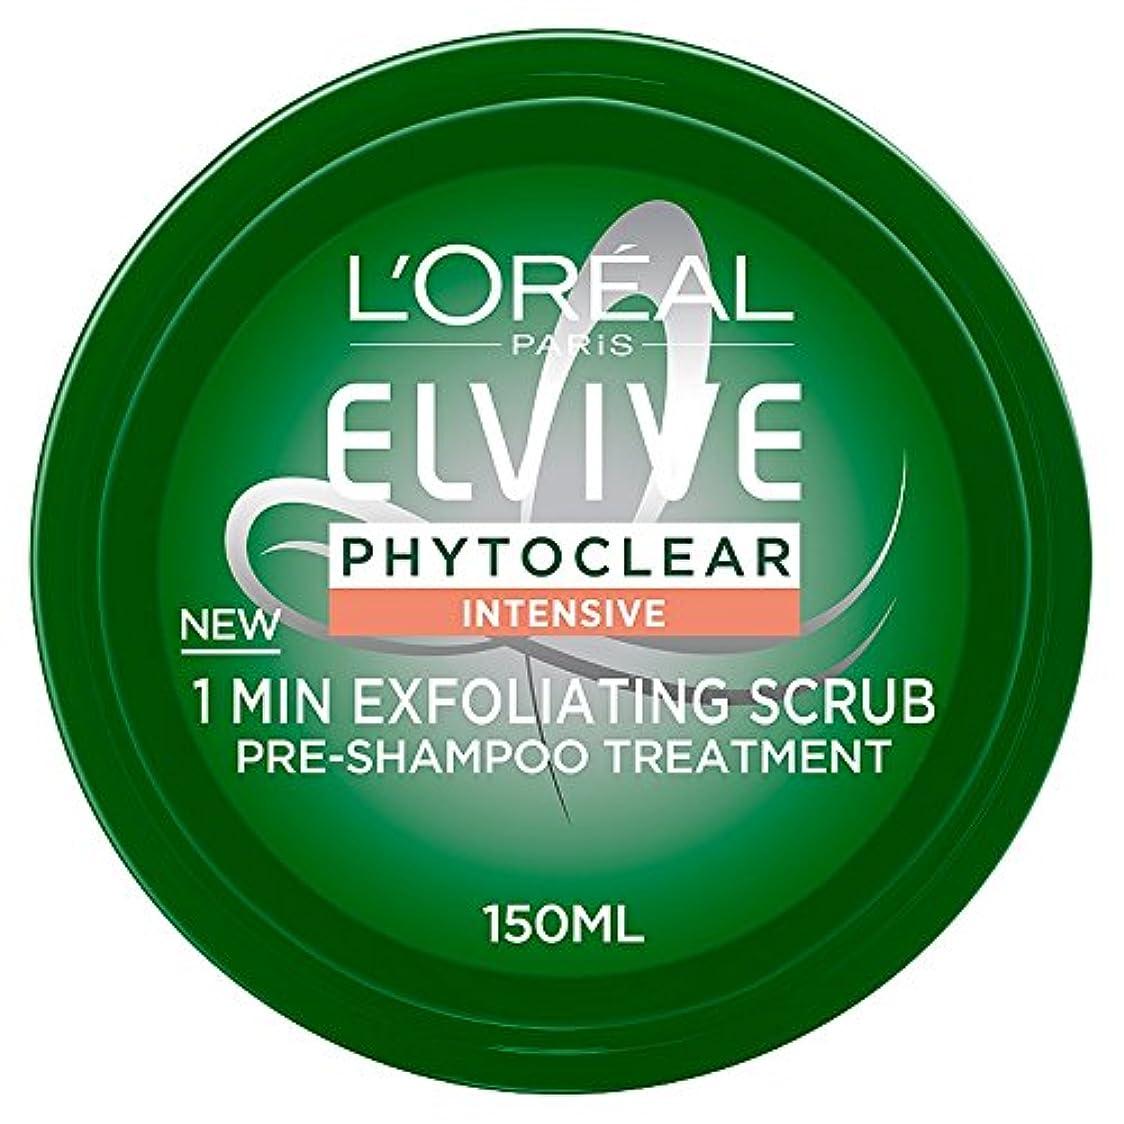 甘美な心理学落ち着かないPurifying Mask Phytoclear Pre-shampoo L'Oreal Expert Professionnel (150 ml)